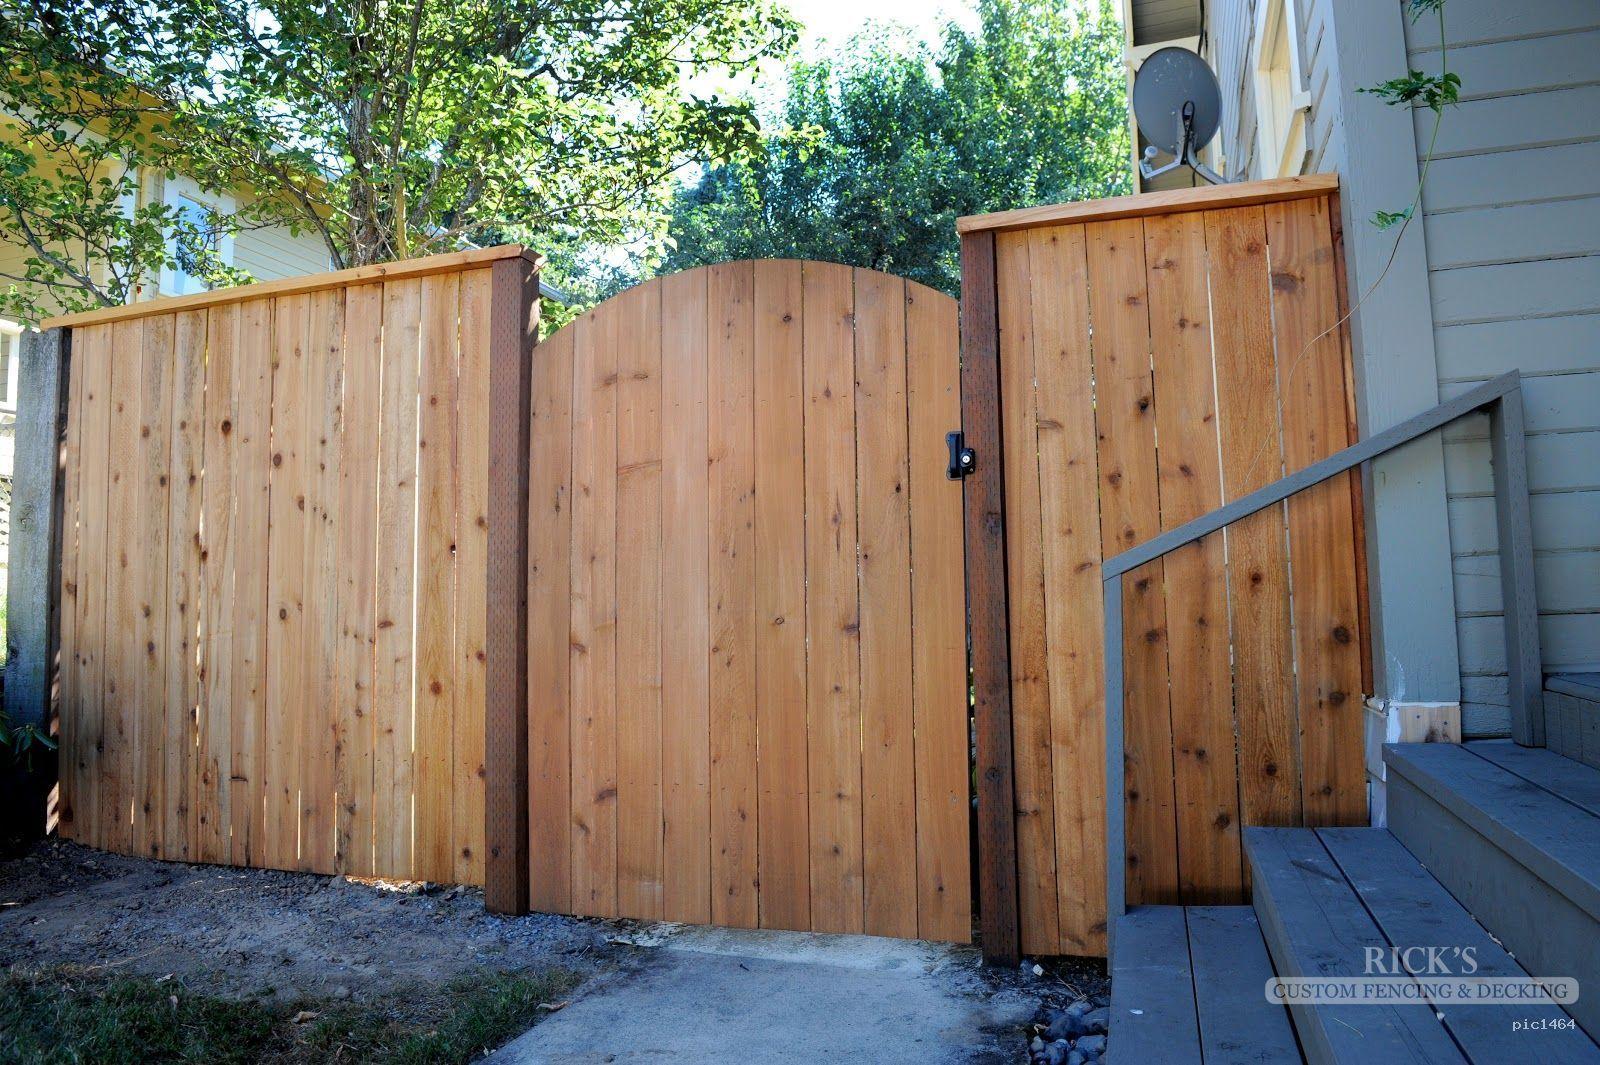 Cedar Fence & Cedar Fence Designs   Rick's Custom Fencing & Decking